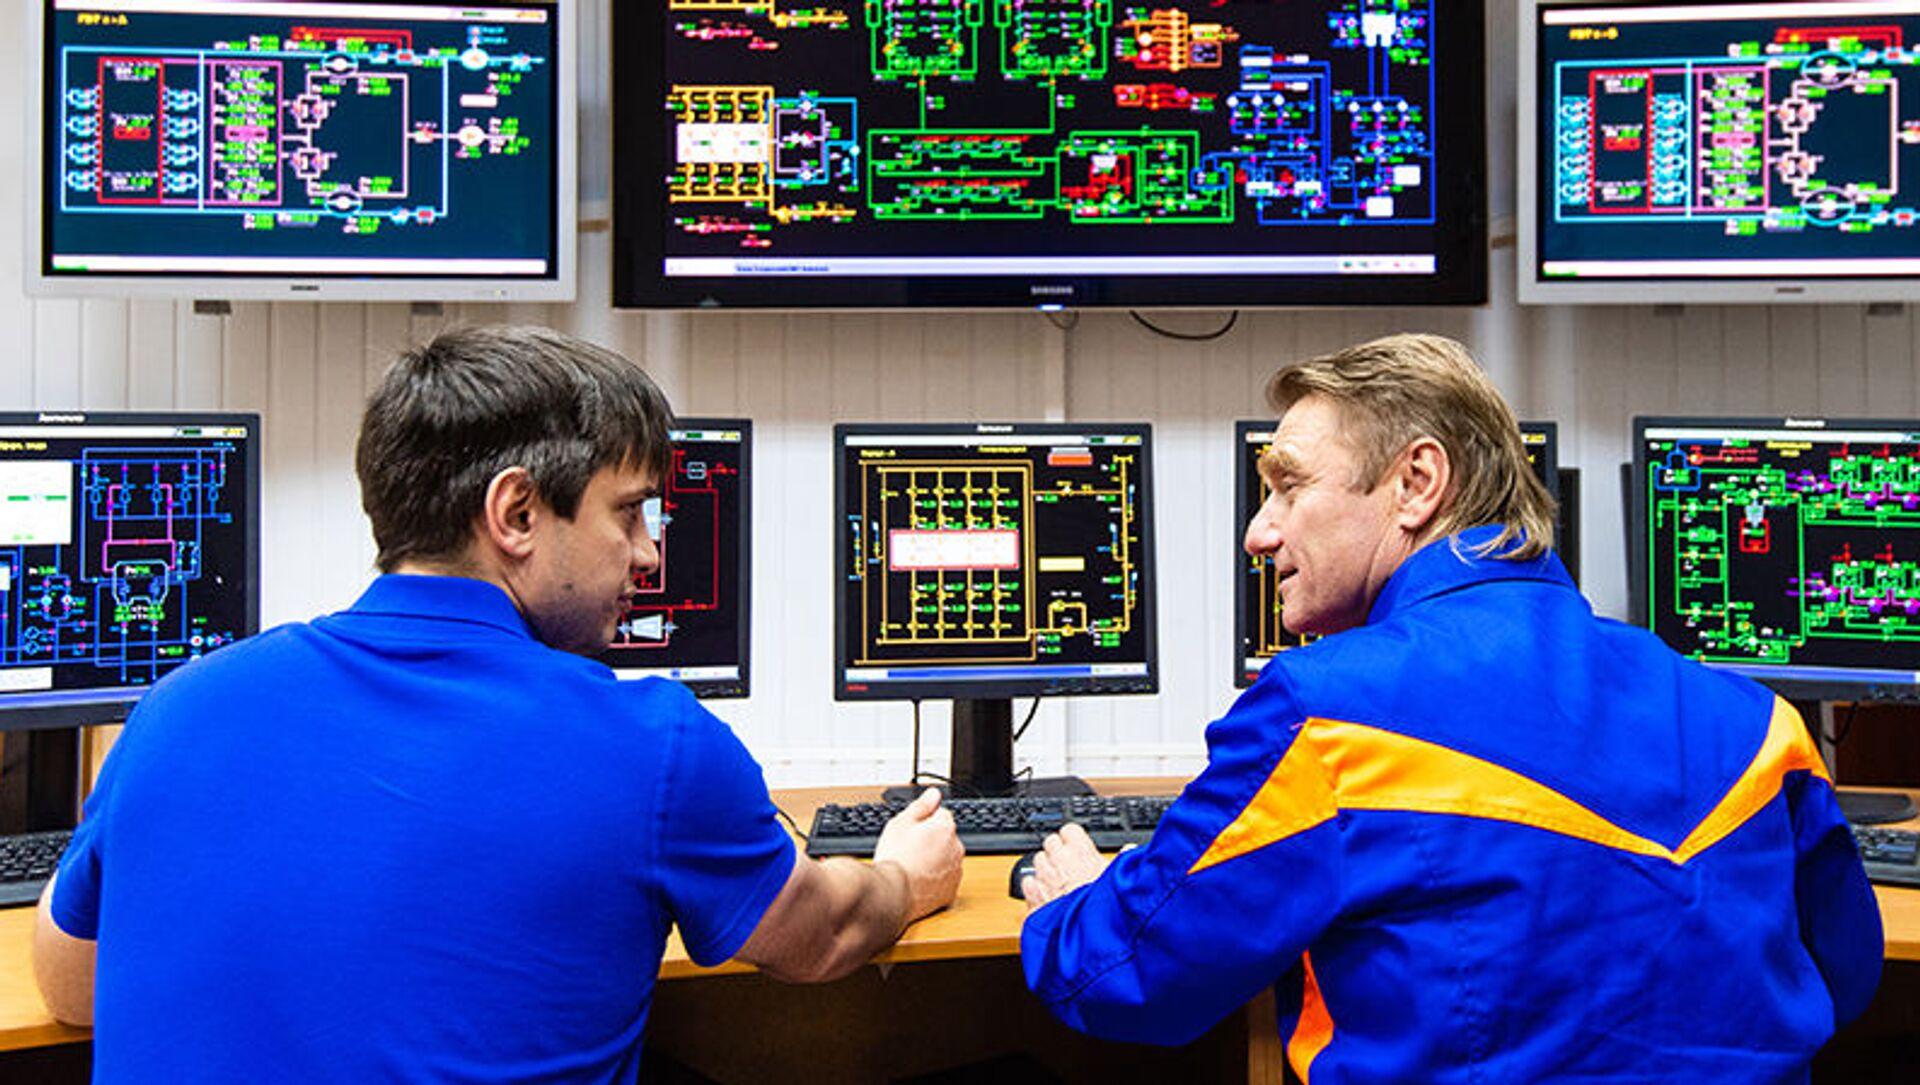 Tecnici al lavoro nella centrale termoelettrica Konokovskaya - Sputnik Italia, 1920, 23.03.2021